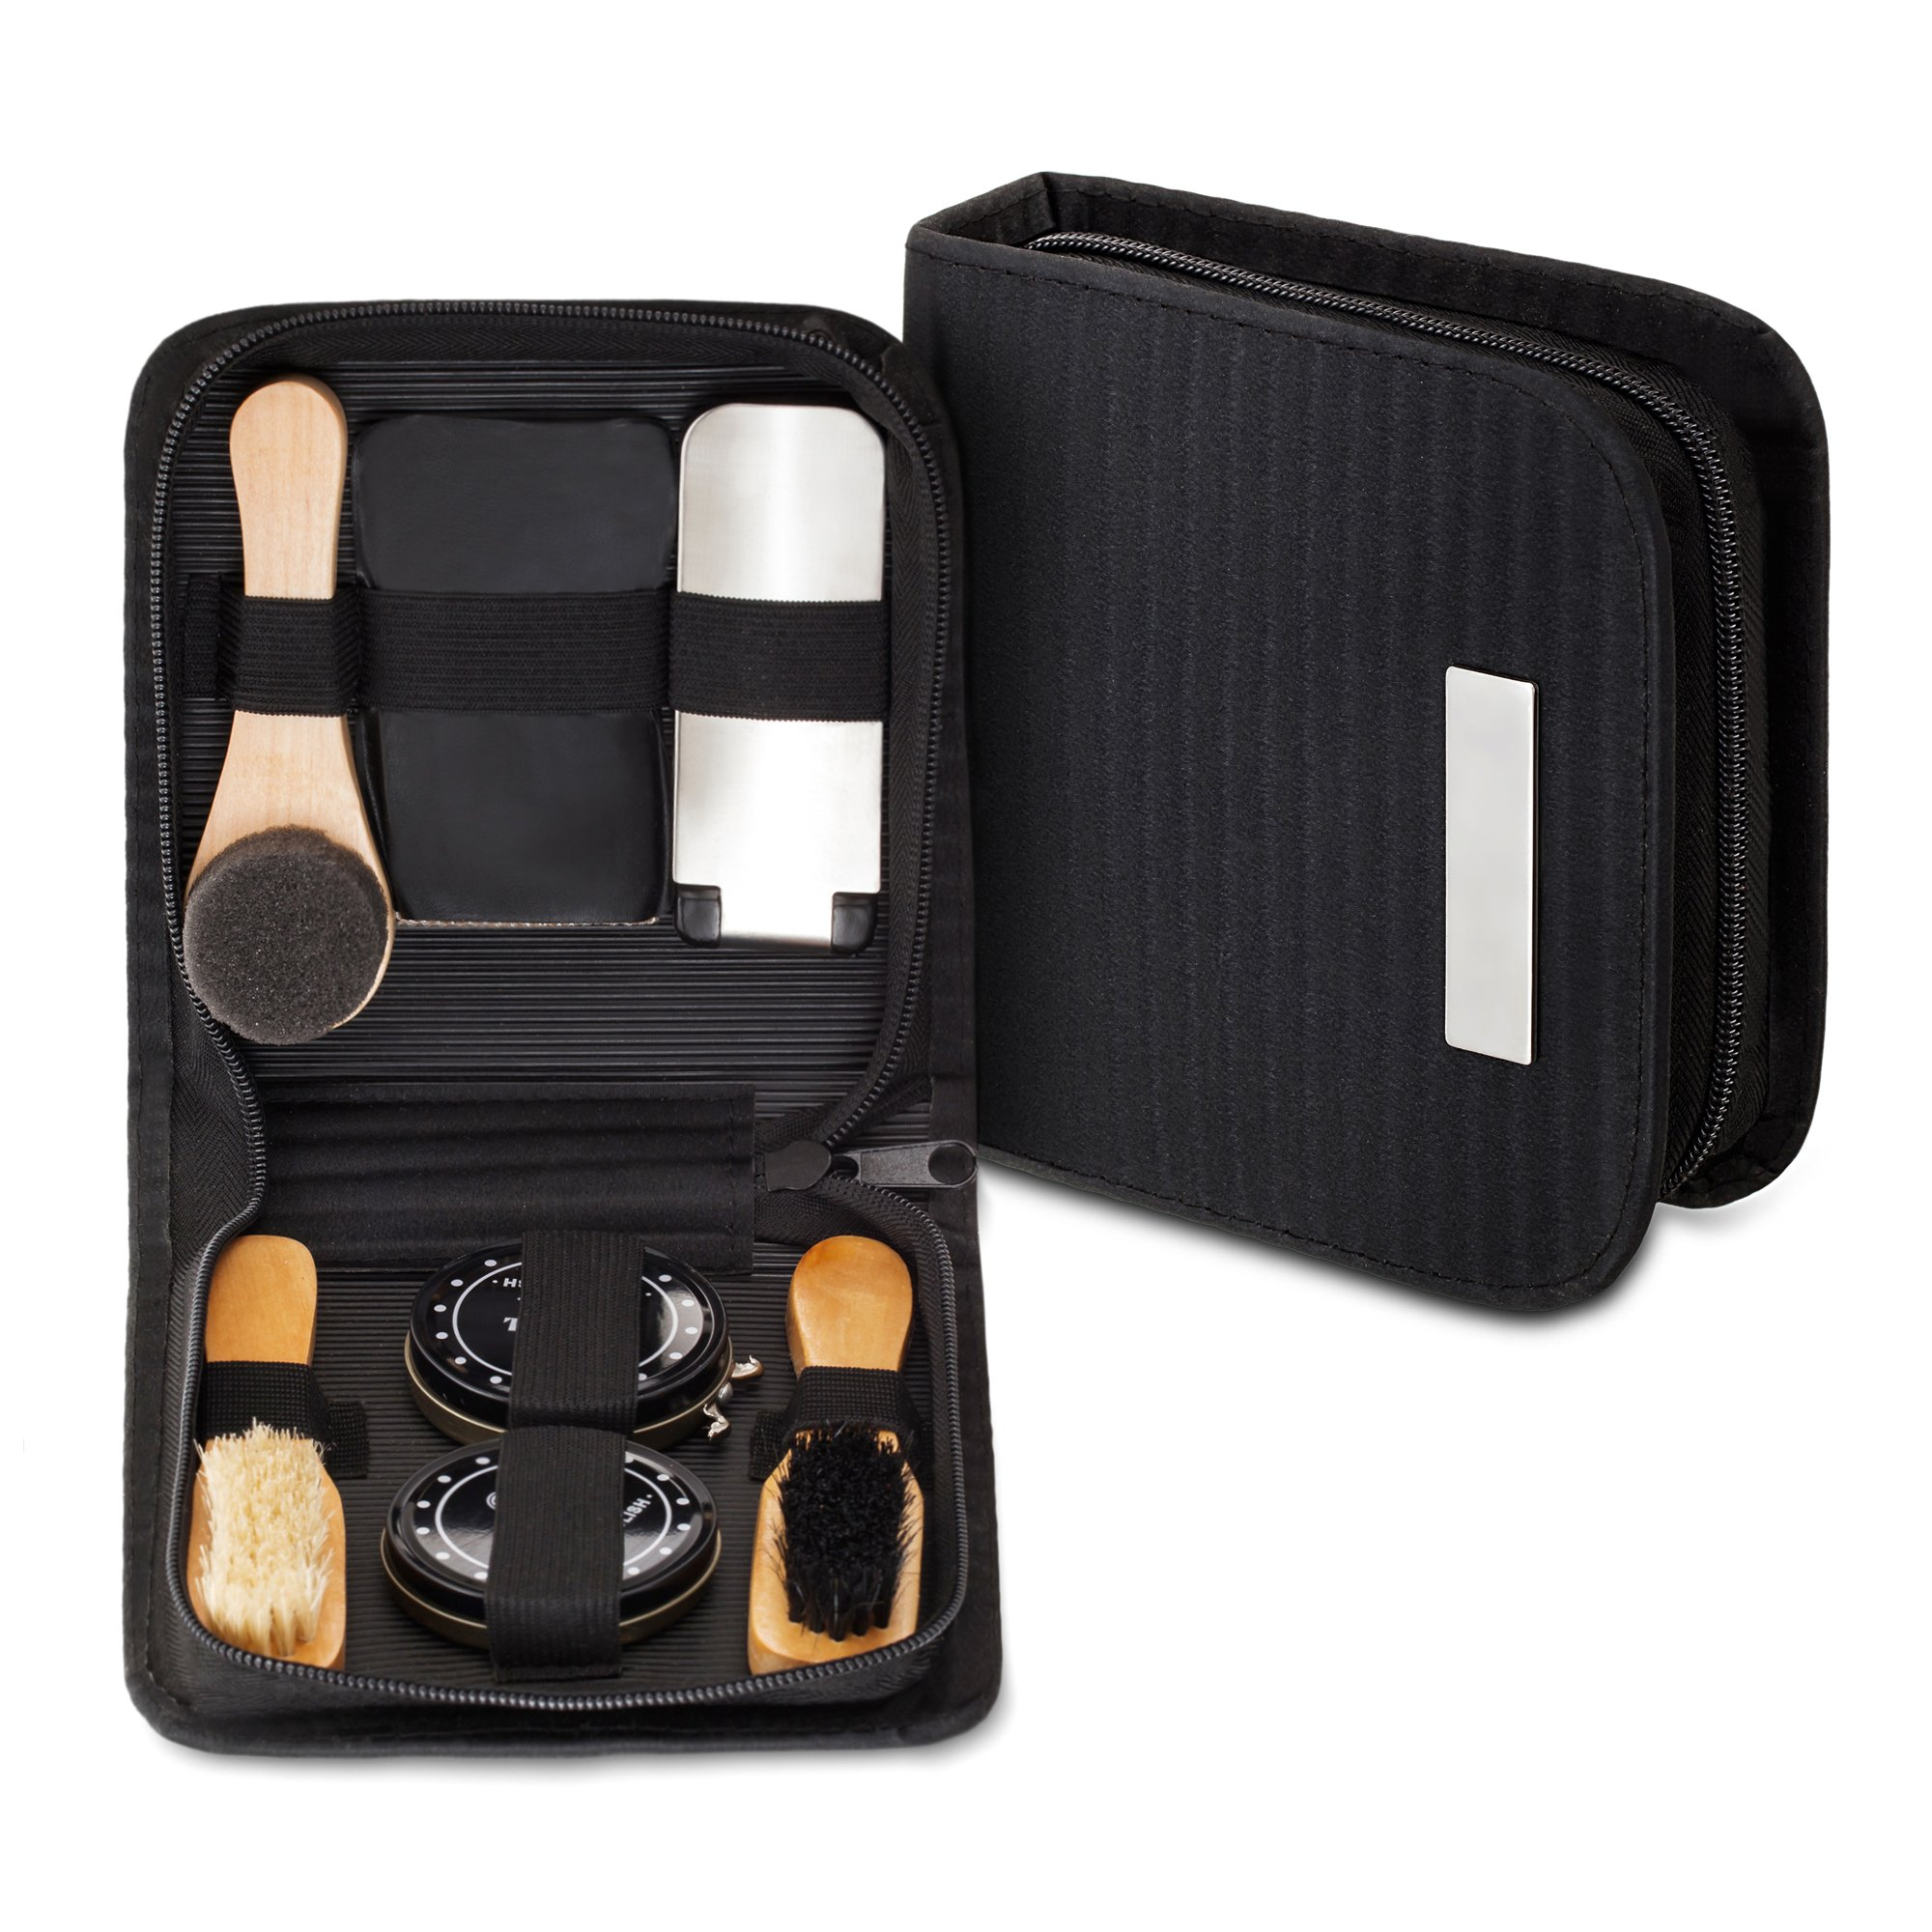 chuanyuekeji Shoe Shine Kit & Shoe Care Valet with PU Leather Sleek Elegant Case, 7-Piece Travel Shoe Shine Brush kit (Black) by chuanyuekeji (Image #2)